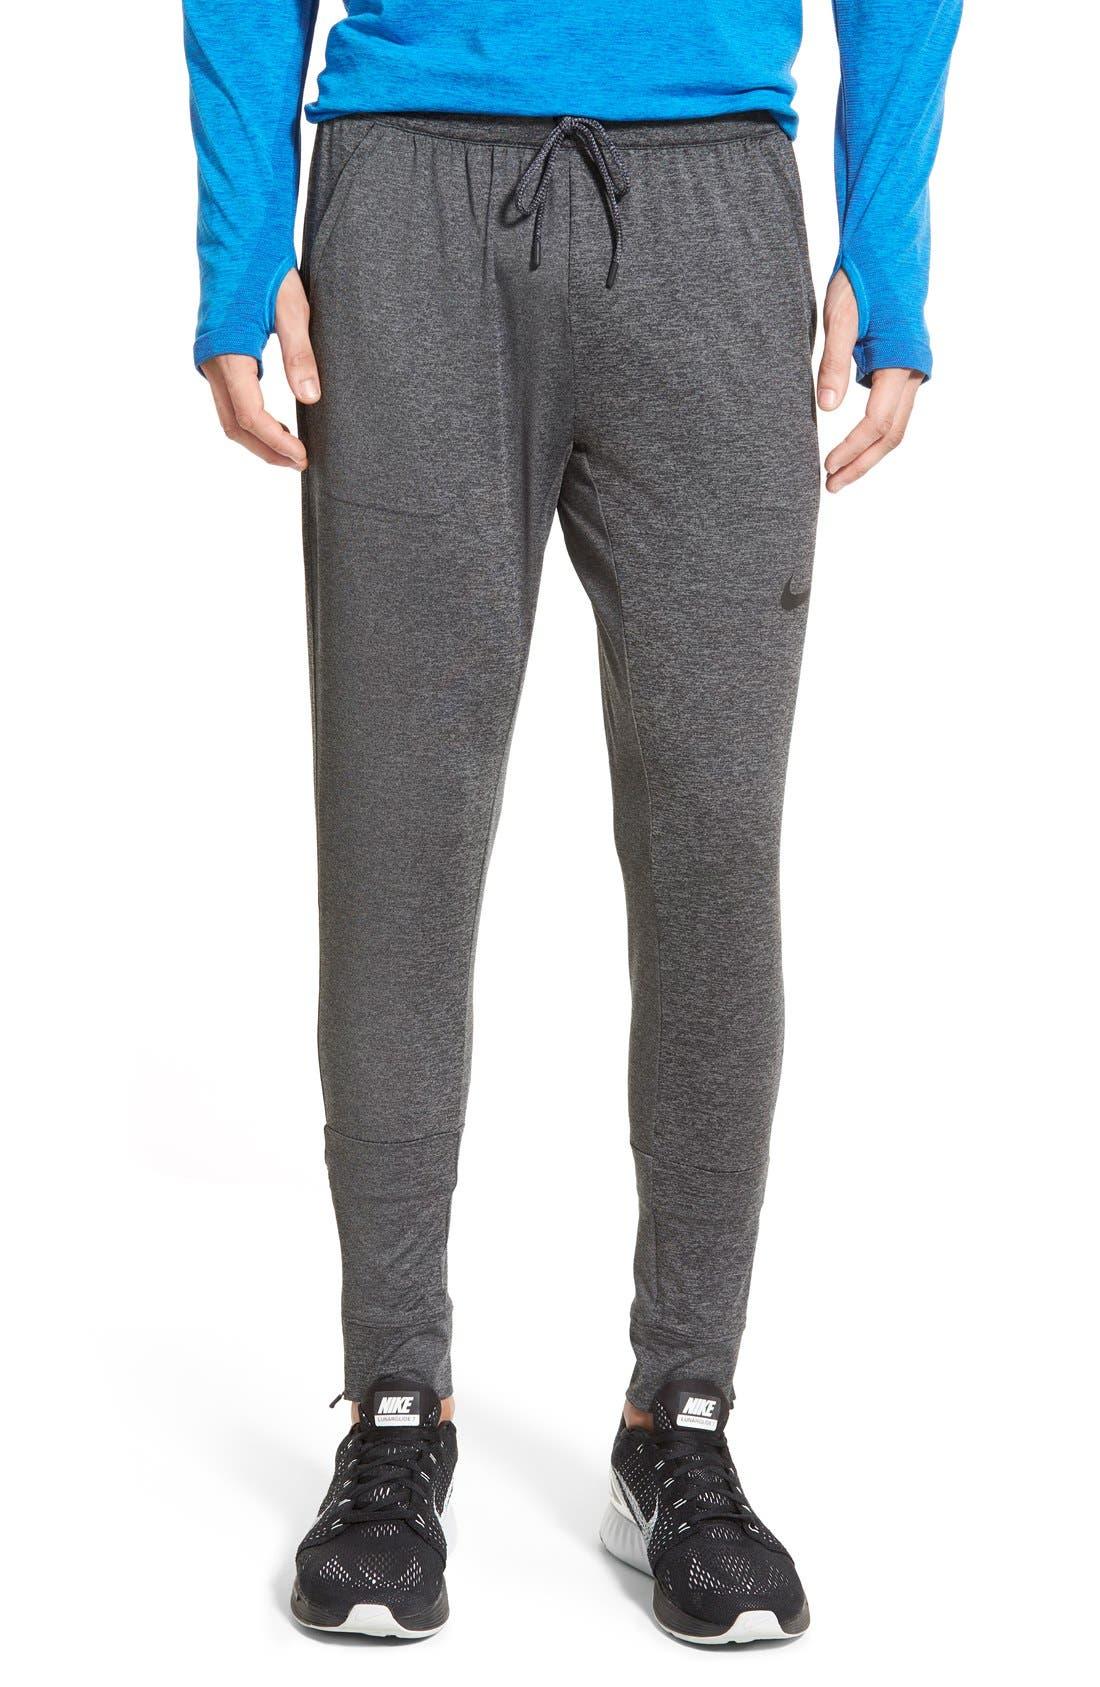 NIKE,                             'Ultimate Dry Knit' Dri-FIT Training Pants,                             Main thumbnail 1, color,                             010